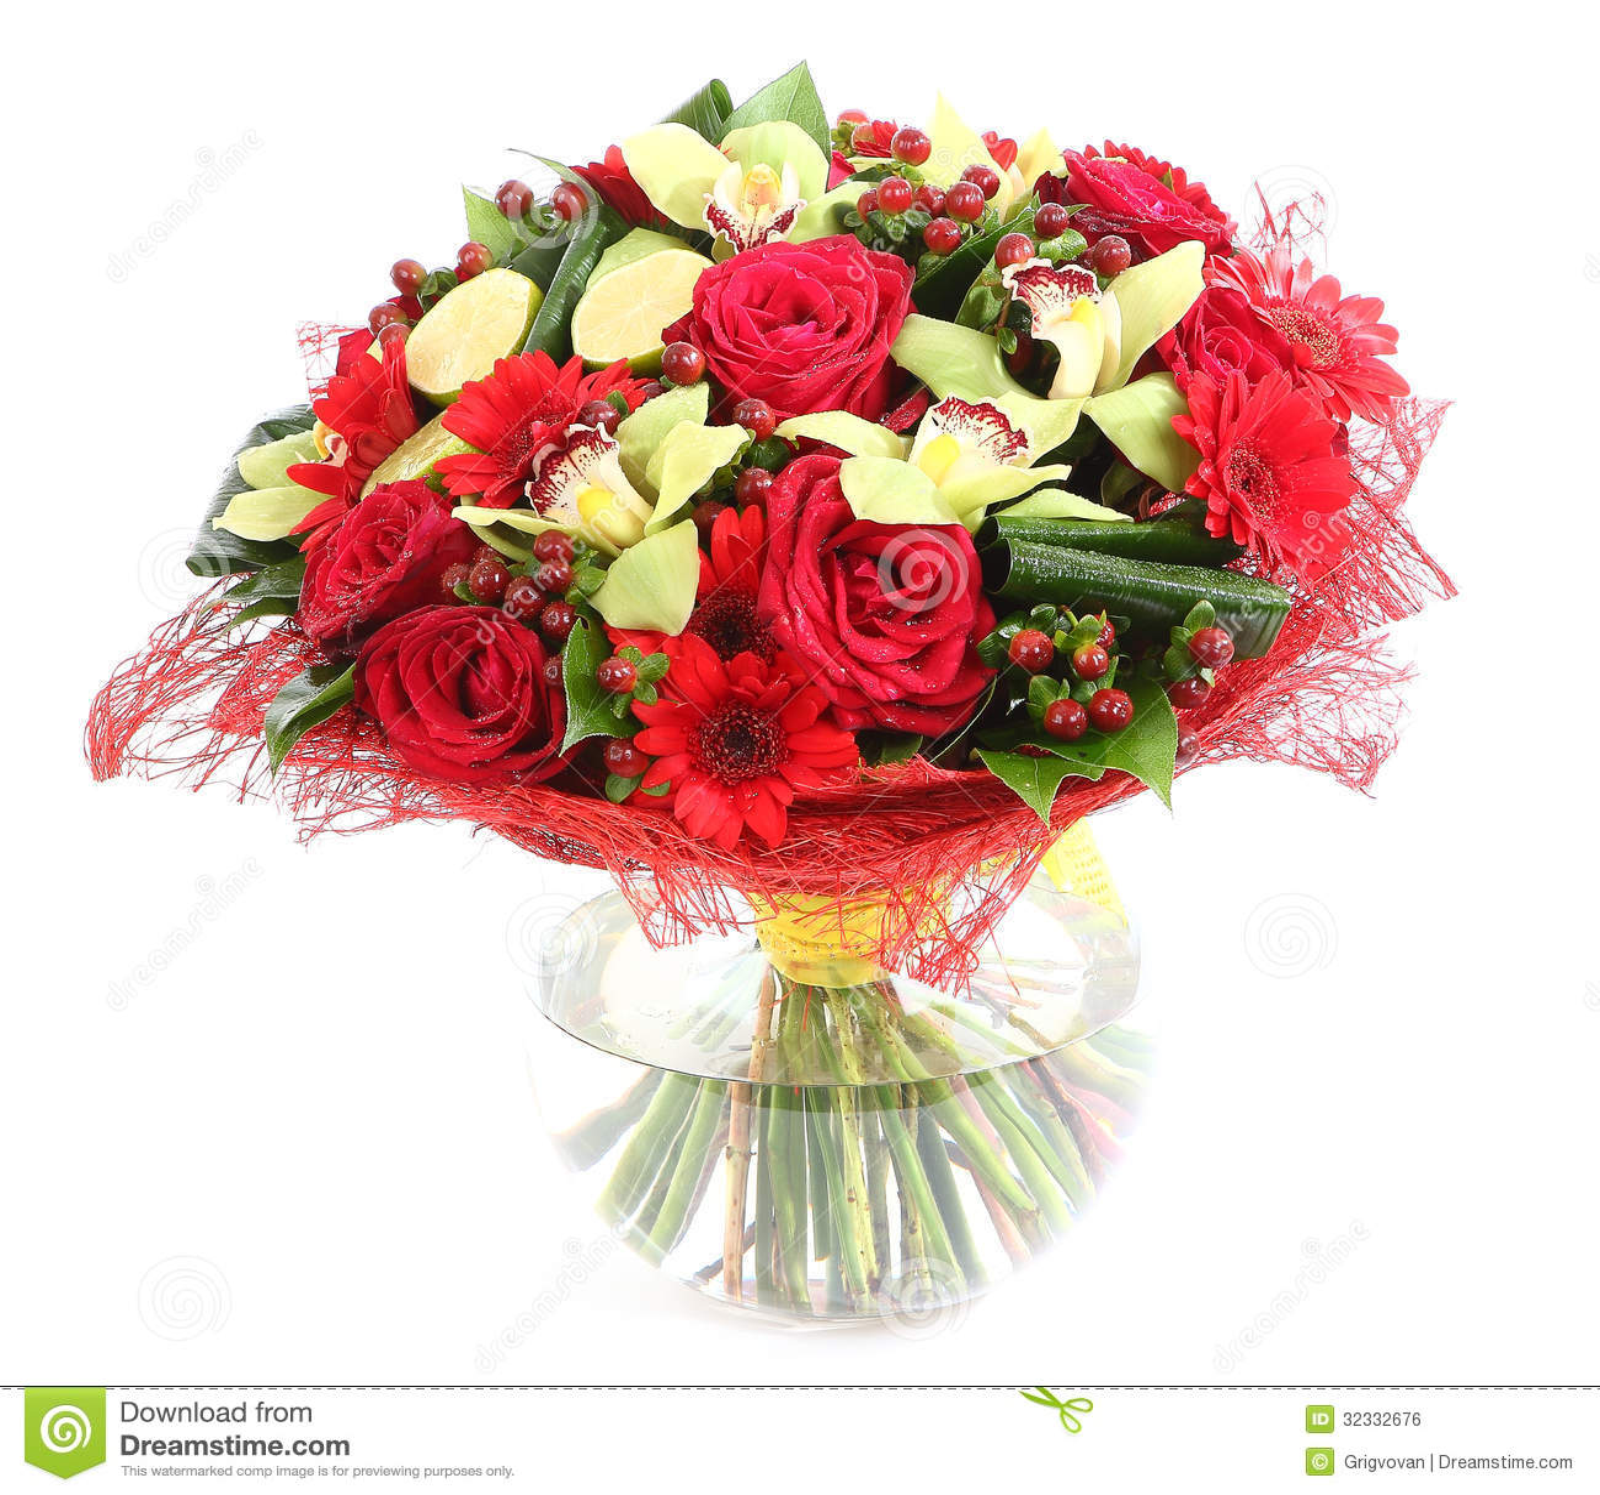 Composition florale en verre vase transparent roses rouges orchid e image libre de droits - Composition florale vase en verre ...